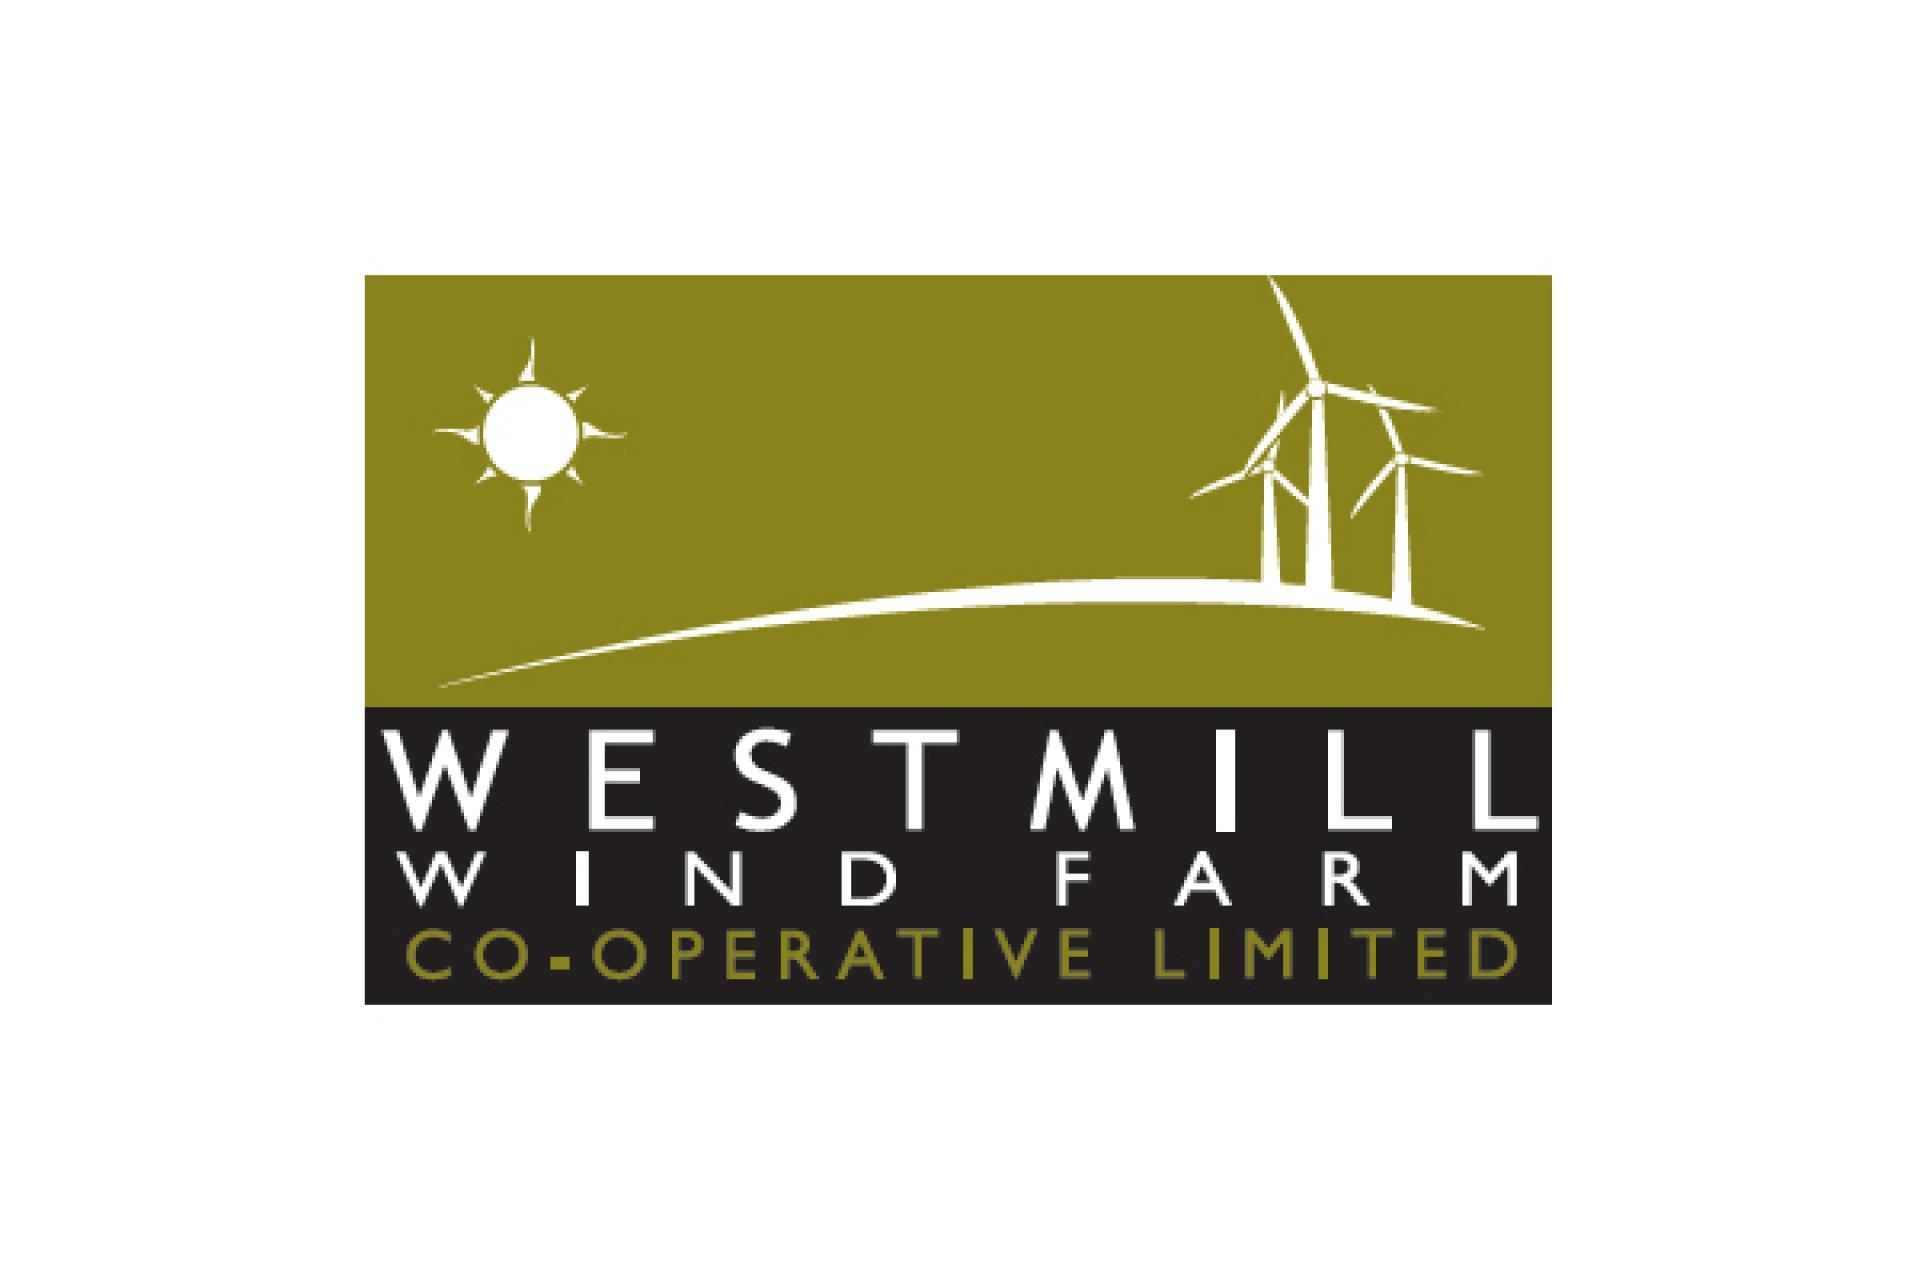 Westmill Wind